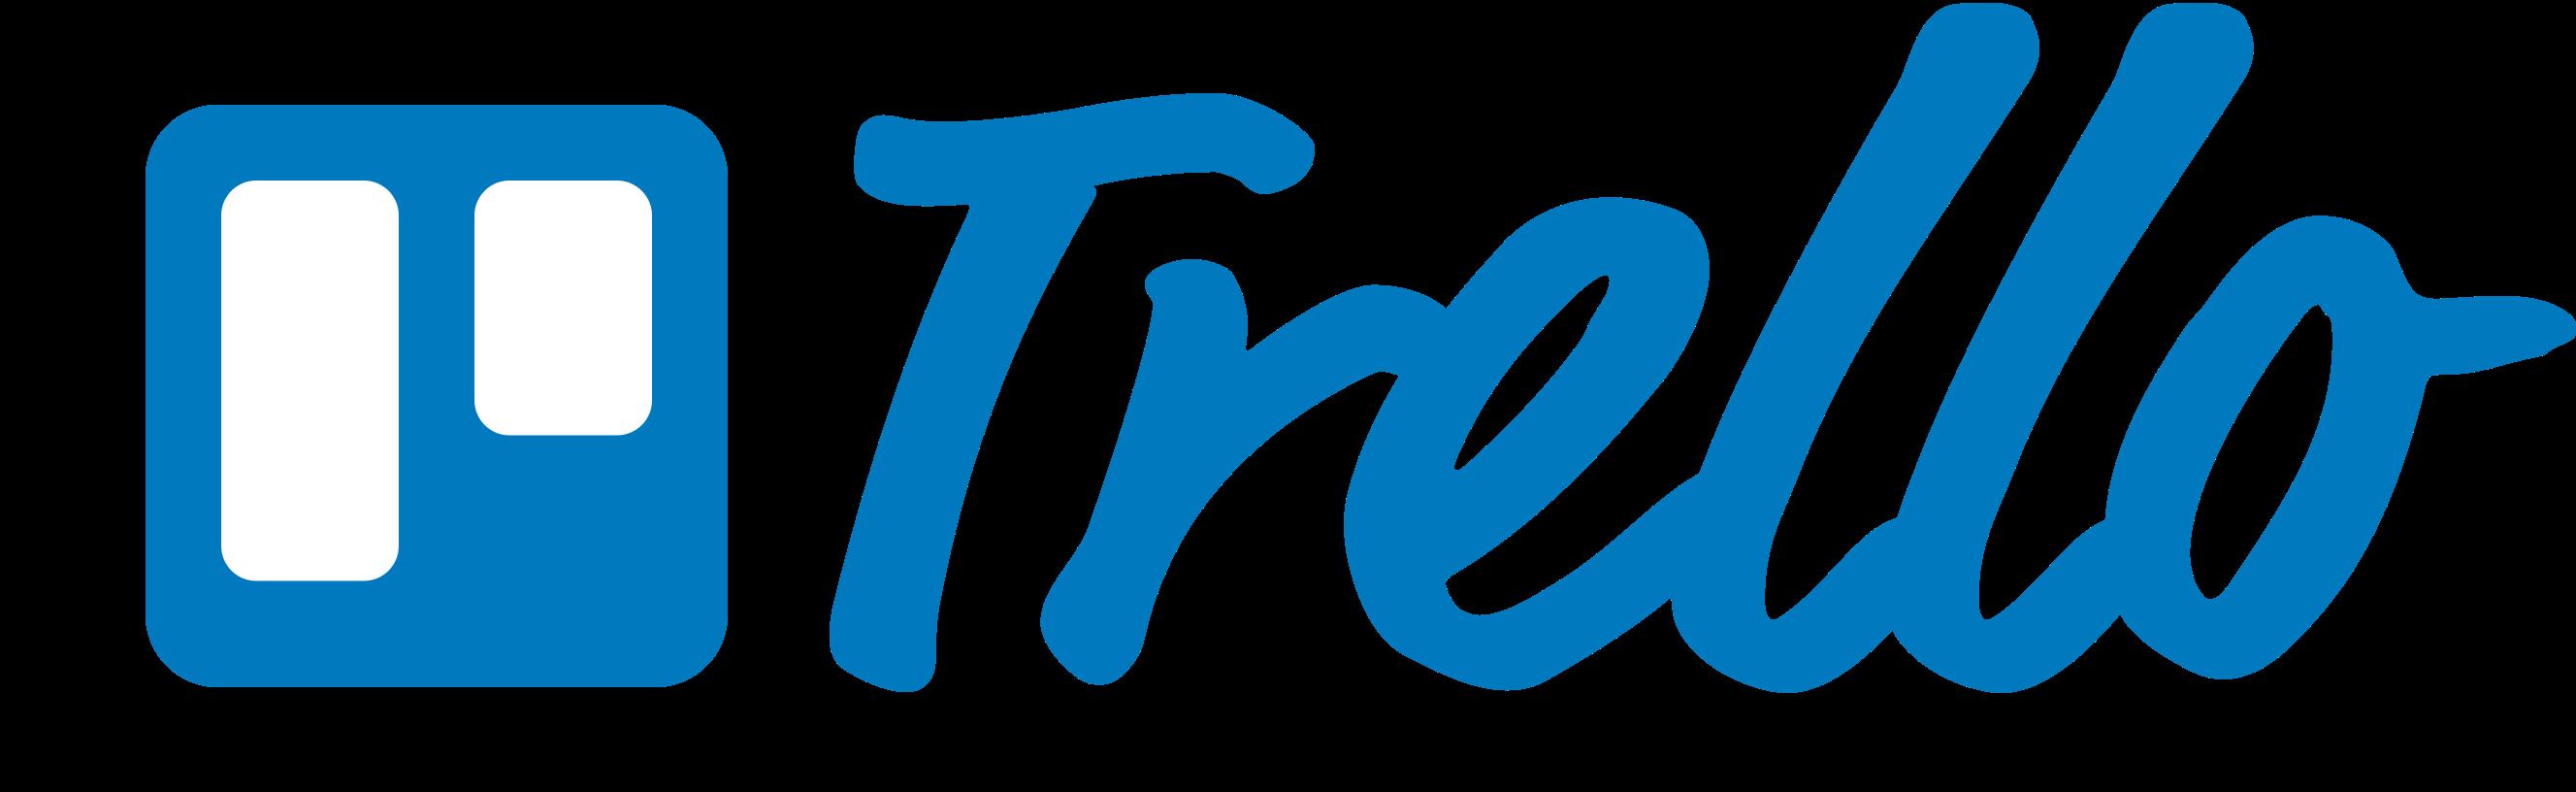 Trello - рекомендация от poruchai.ru (личный секретарь)